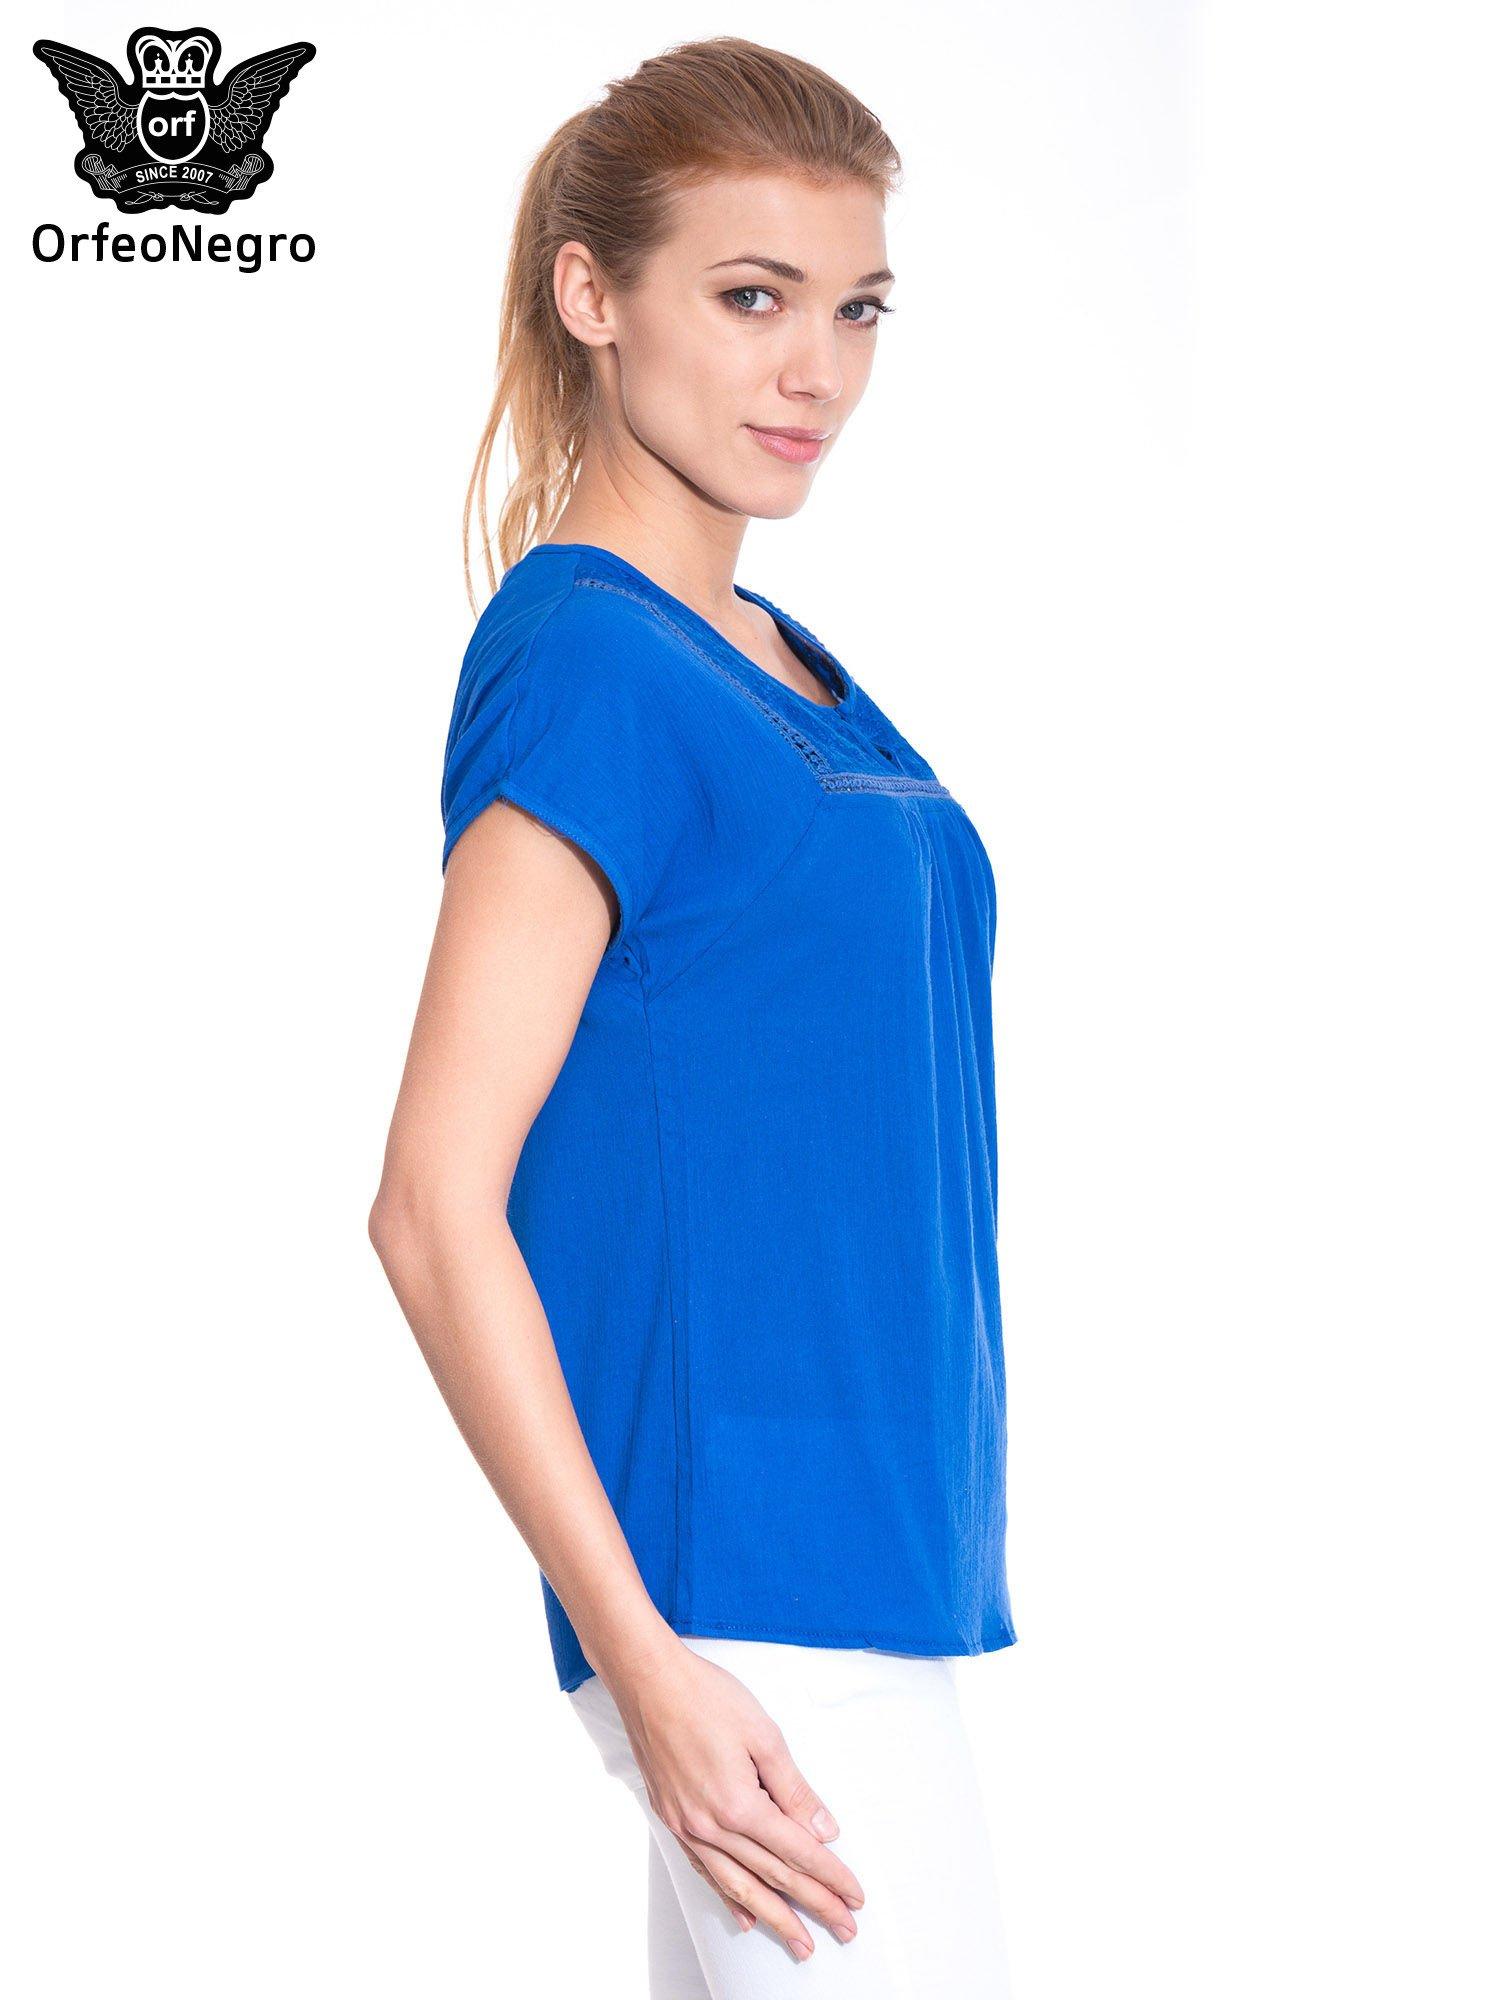 Niebieska bluzka koszulowa z haftem i ażurowaniem przy dekolcie                                  zdj.                                  3